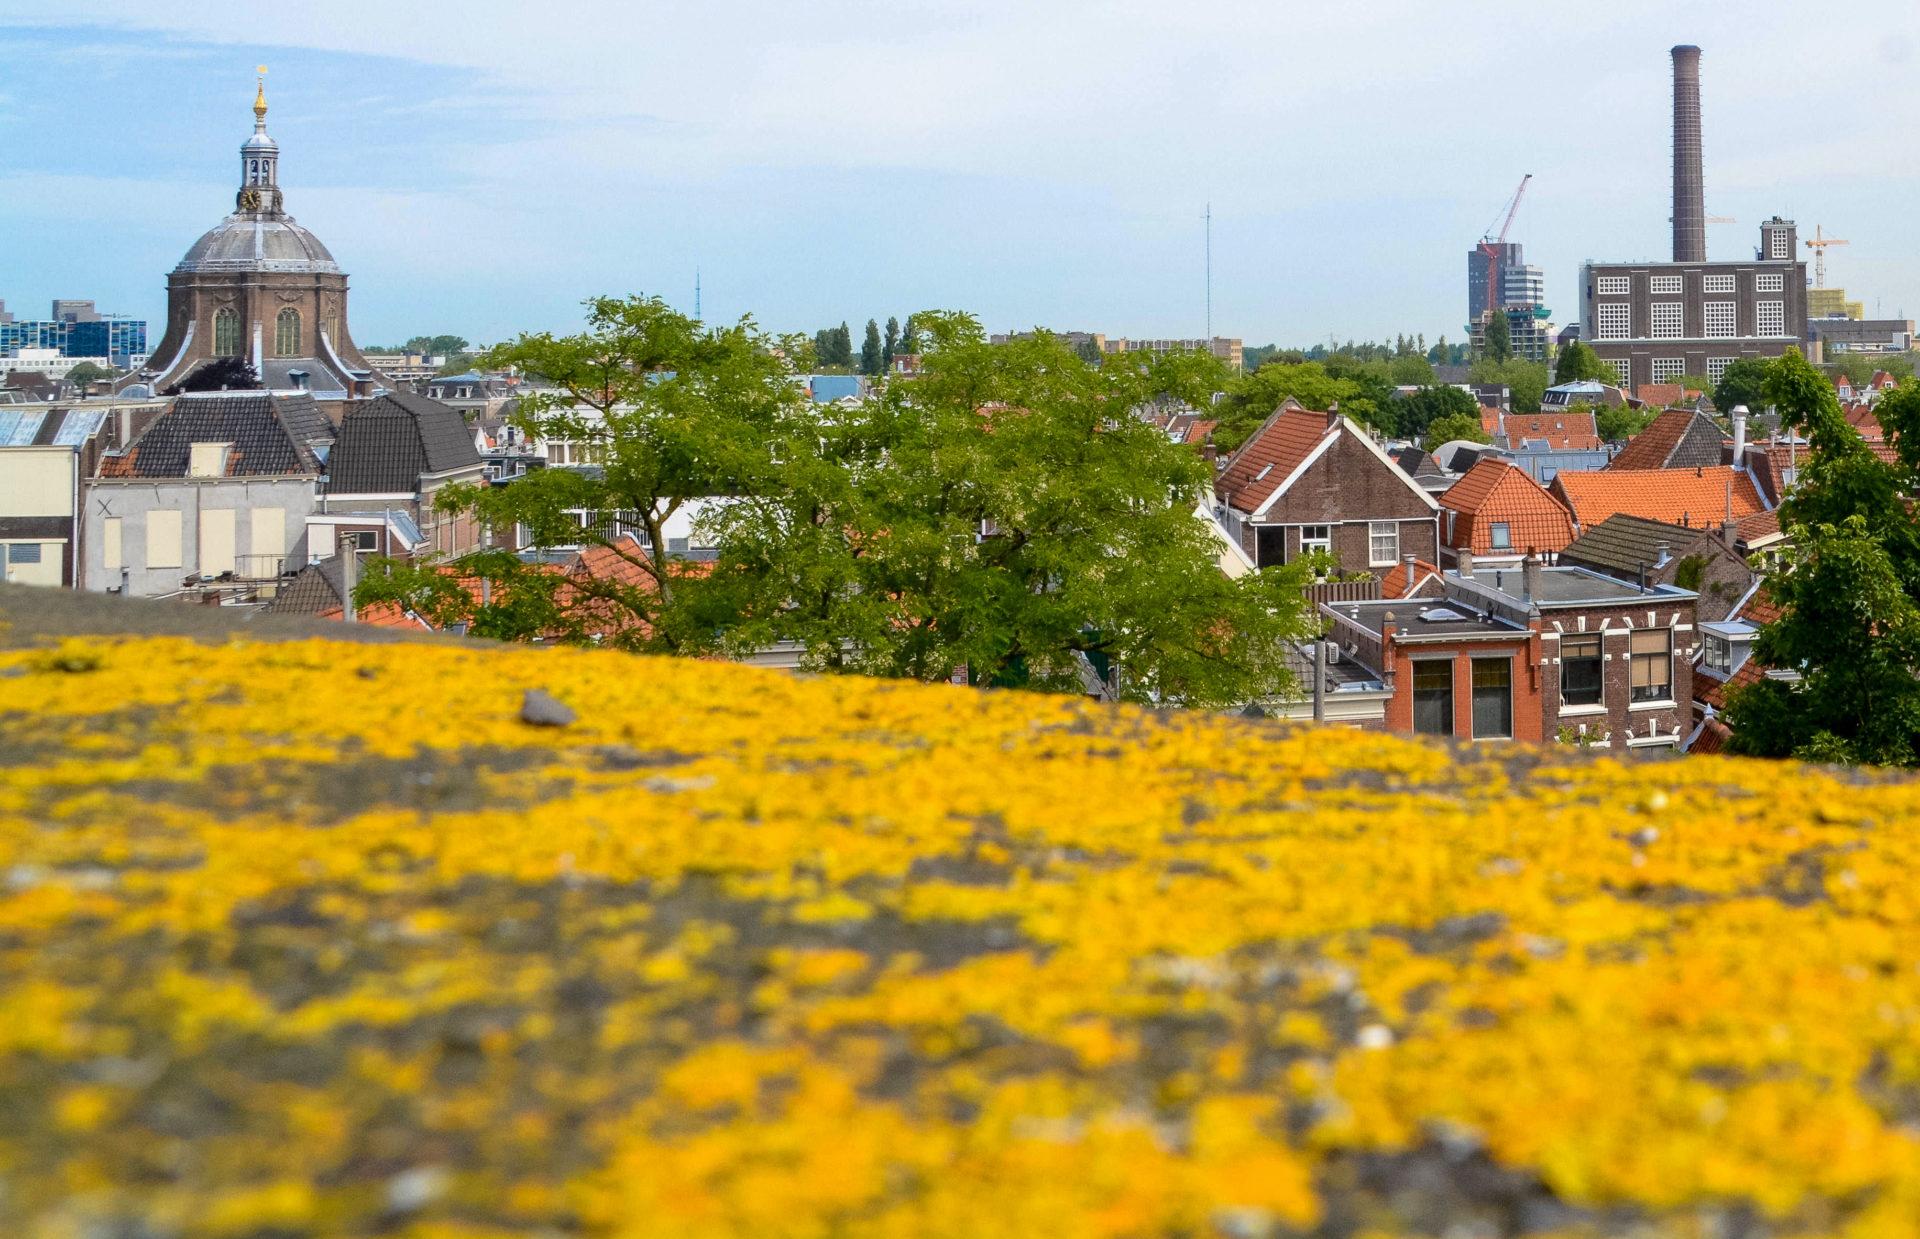 Ausblick von der Burcht van Leiden über die niederländische Stadt